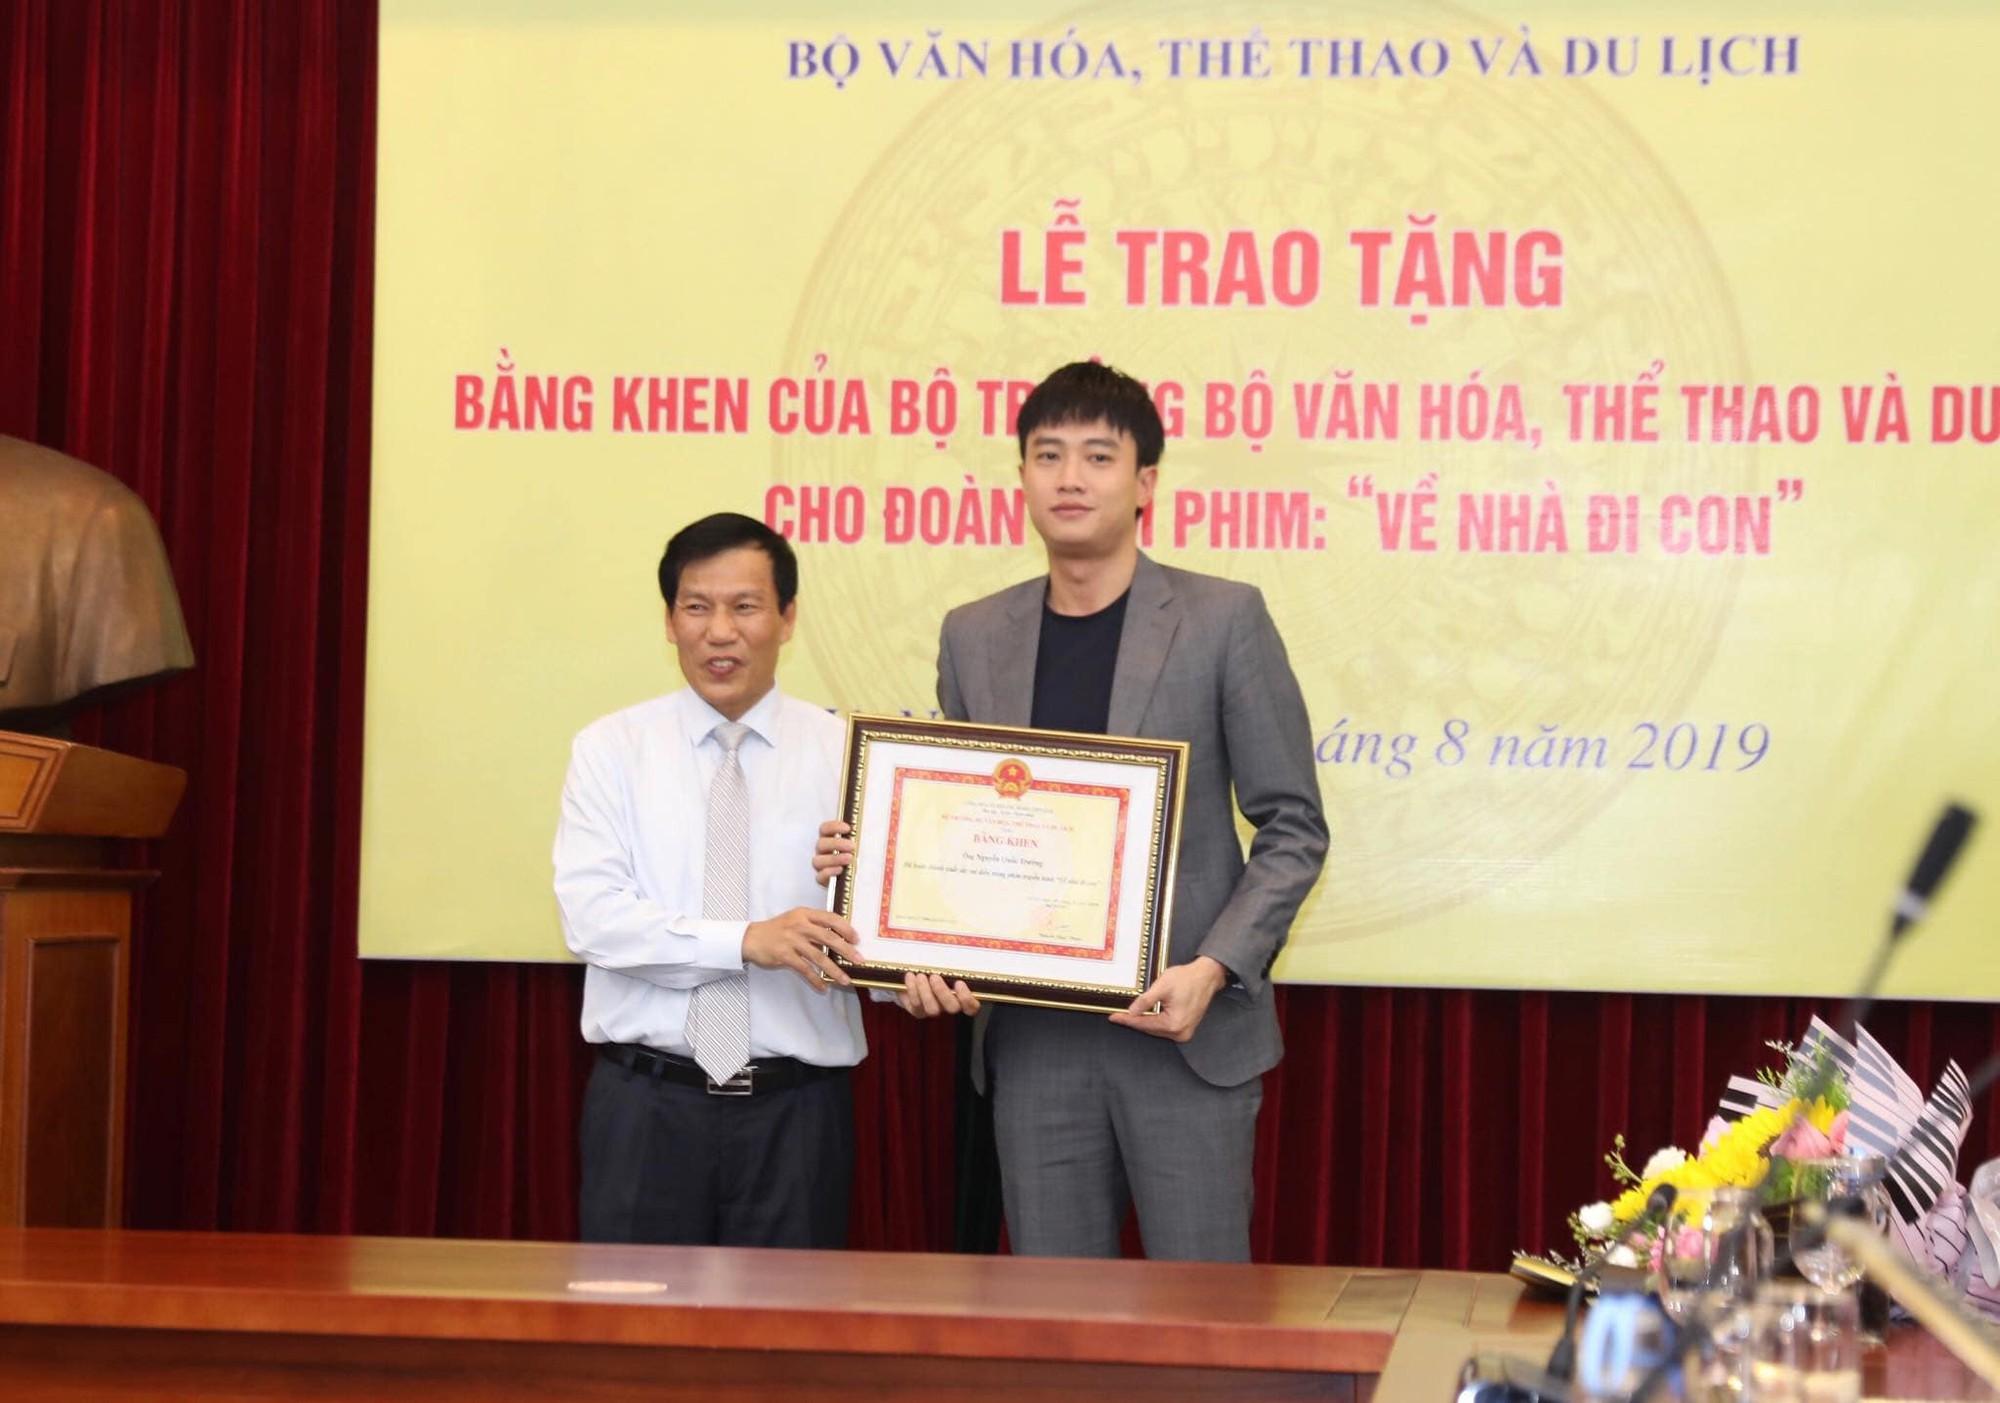 Về nhà đi con: Khải - Trọng Hùng lên tiếng về việc không được tặng bằng khen của Bộ VH-TT&DL-1